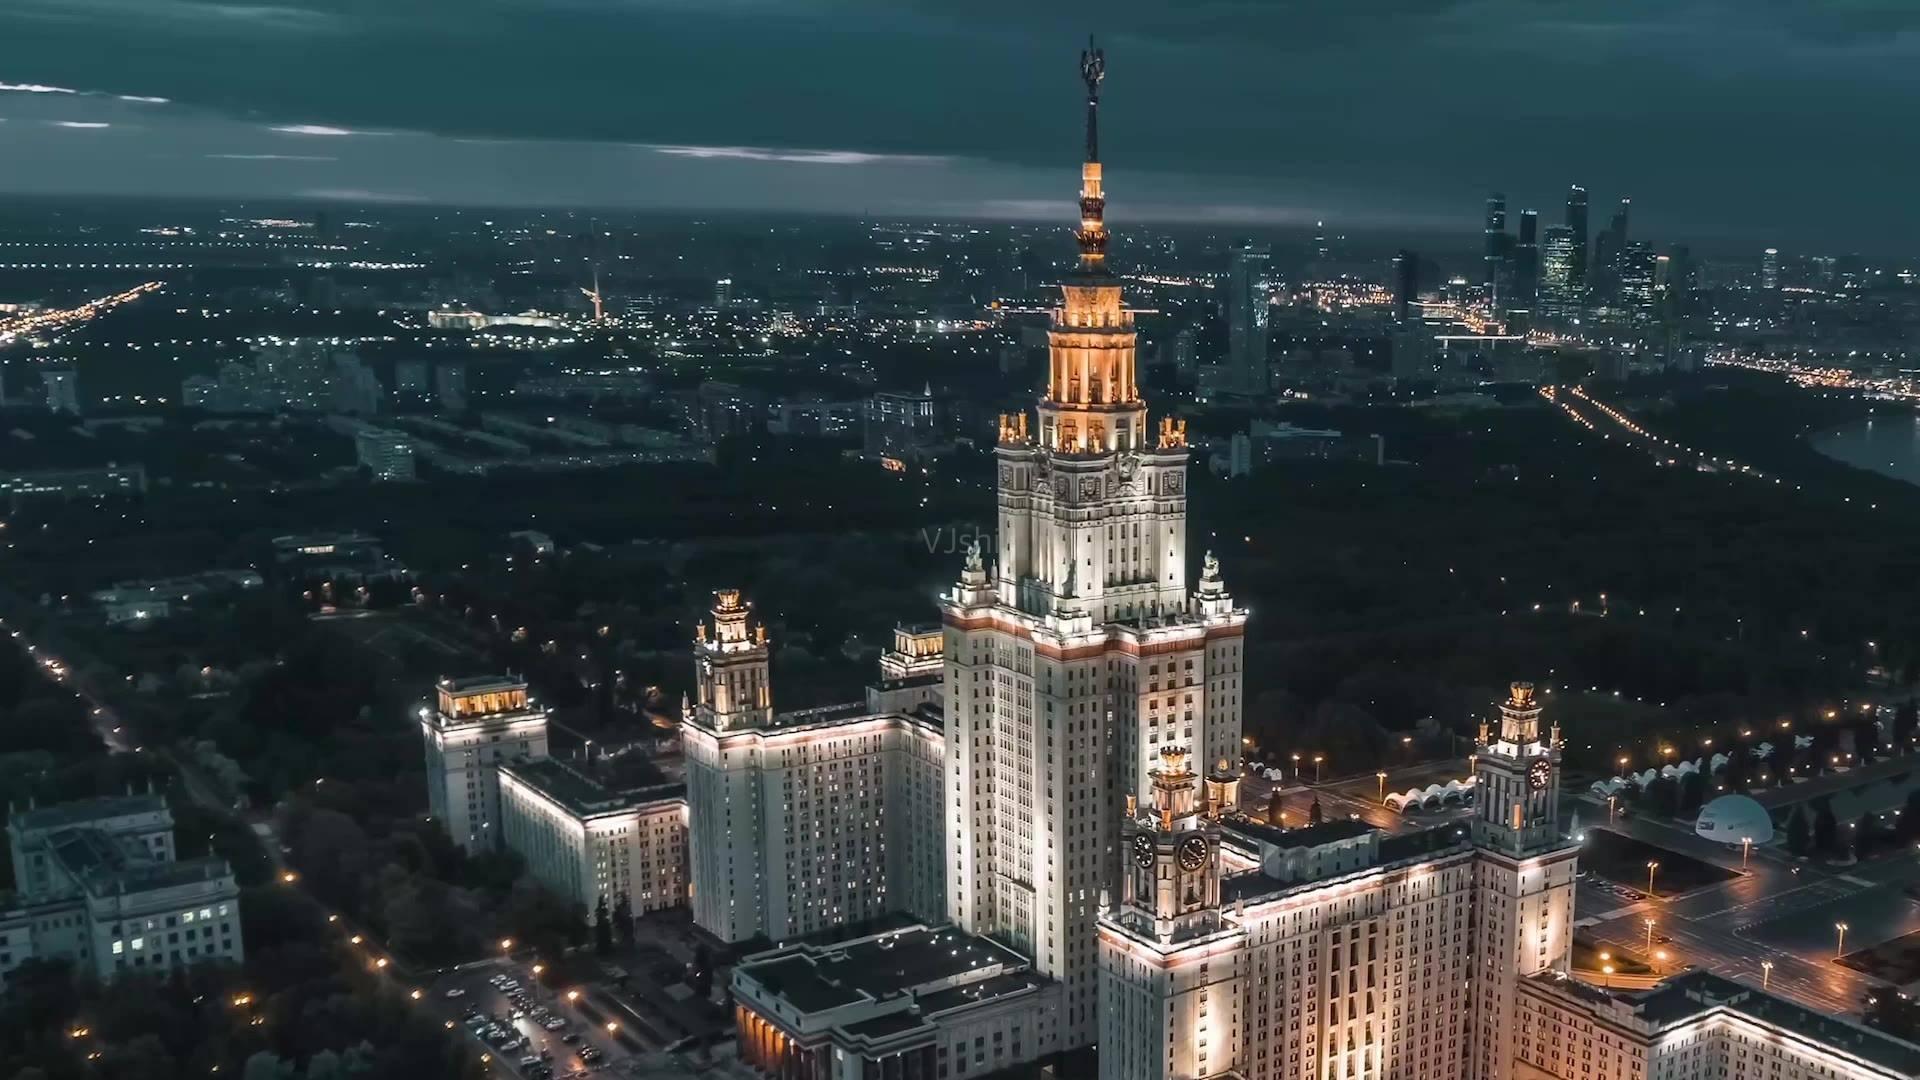 【公布啦!前三季度,俄罗斯经济增长1.1%,GDP为1.21万亿美元,仍高于广东省】